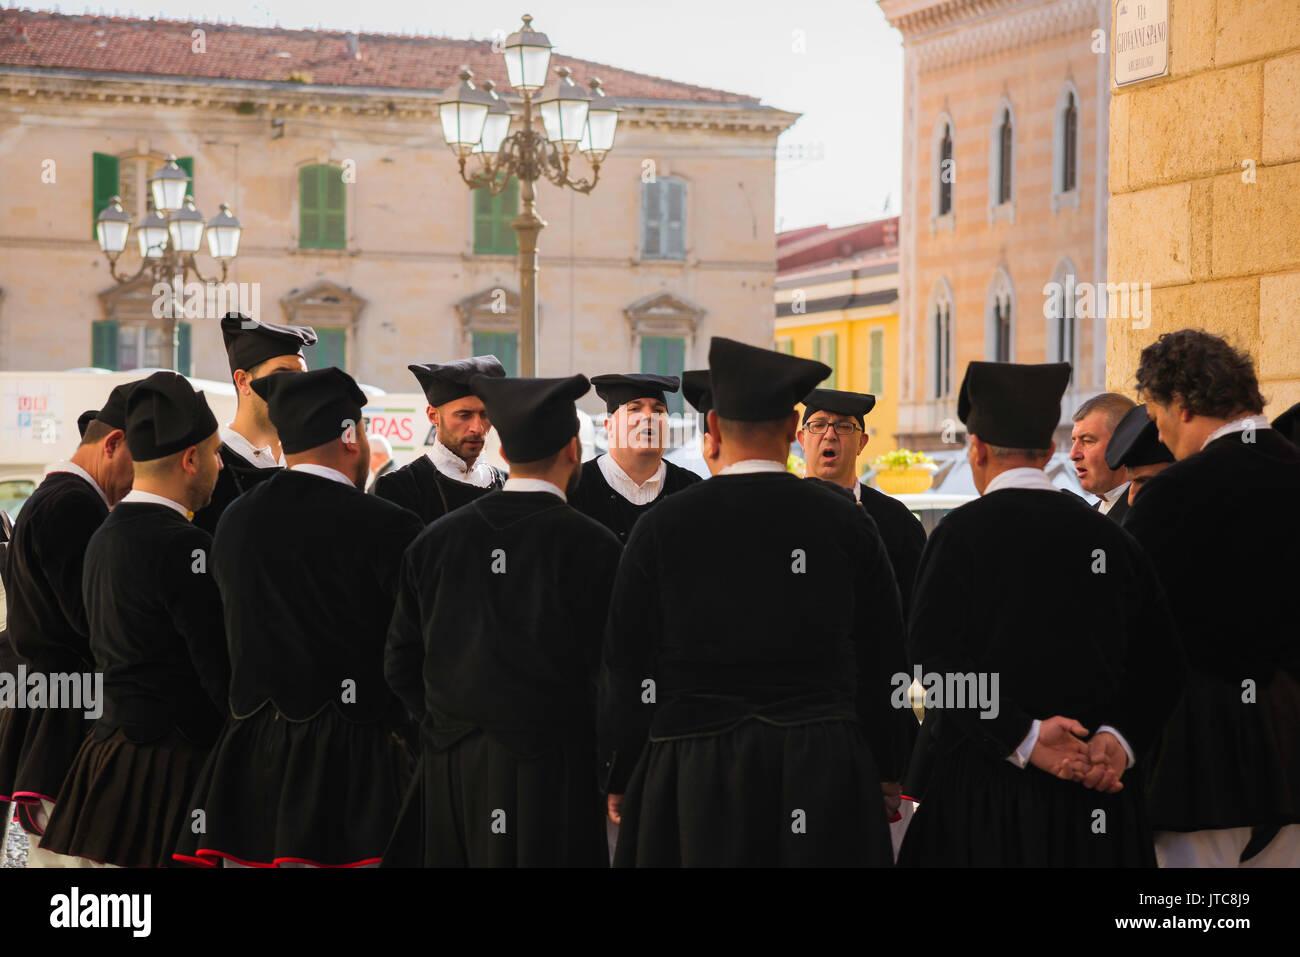 Cerdeña festival de música folk, un coro masculino práctica en Sassari calle lateral antes de realizar Imagen De Stock